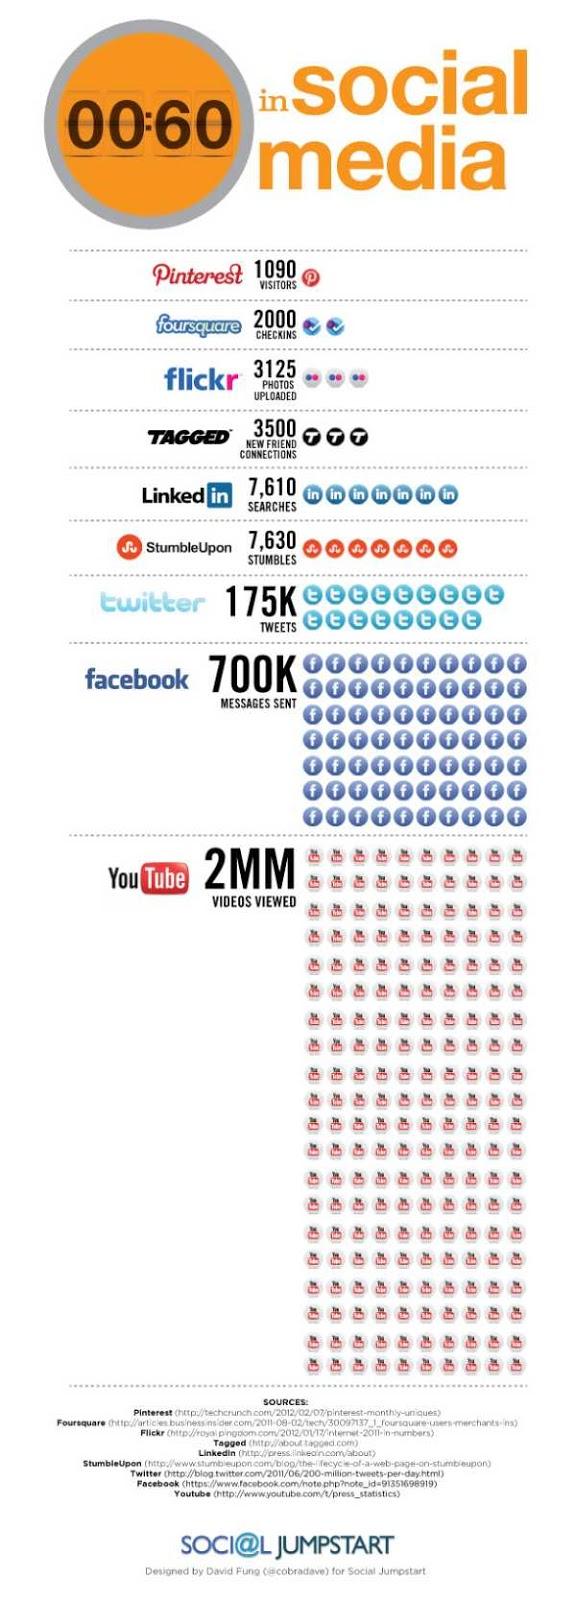 Qué ocurre en las redes sociales cada 60 segundos (infografía)